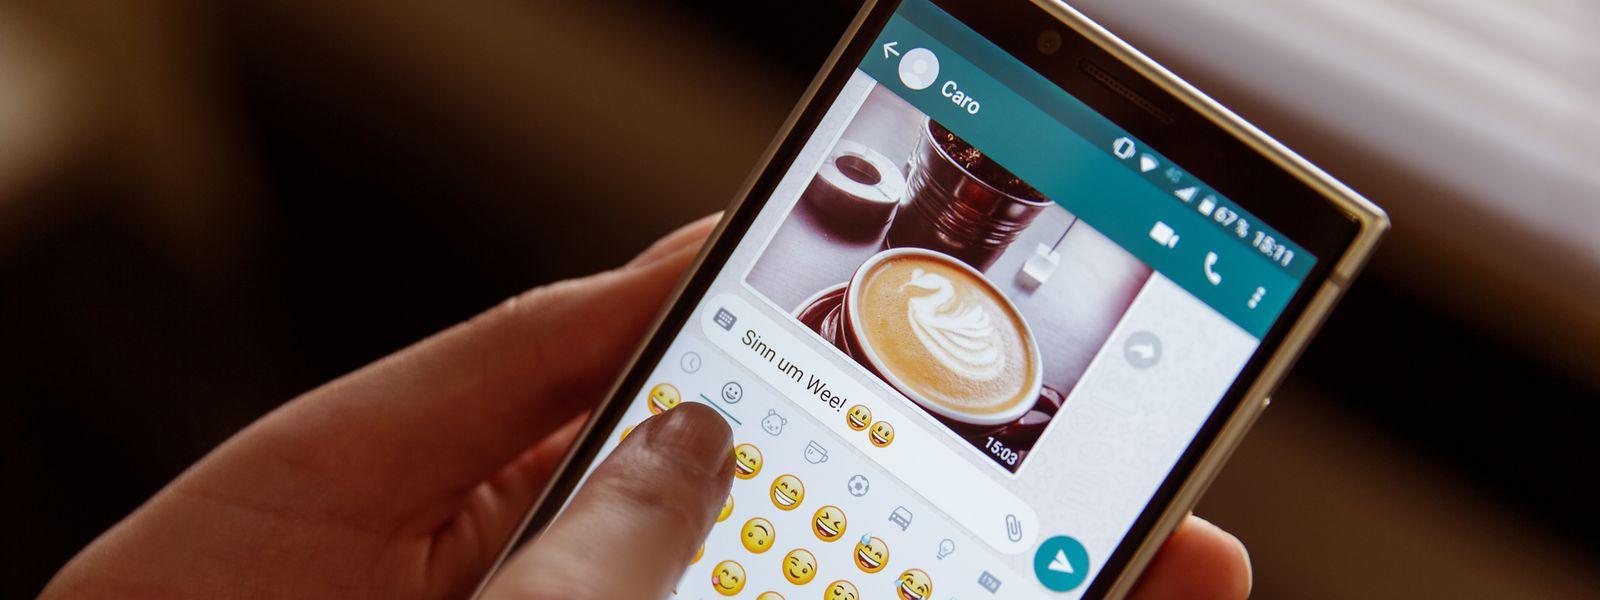 WhatsApp löste die kostenpflichtige SMS ab und sorgt dafür, dass auch das Luxemburgische im digitalen Schriftverkehr verstärkt genutzt wird.